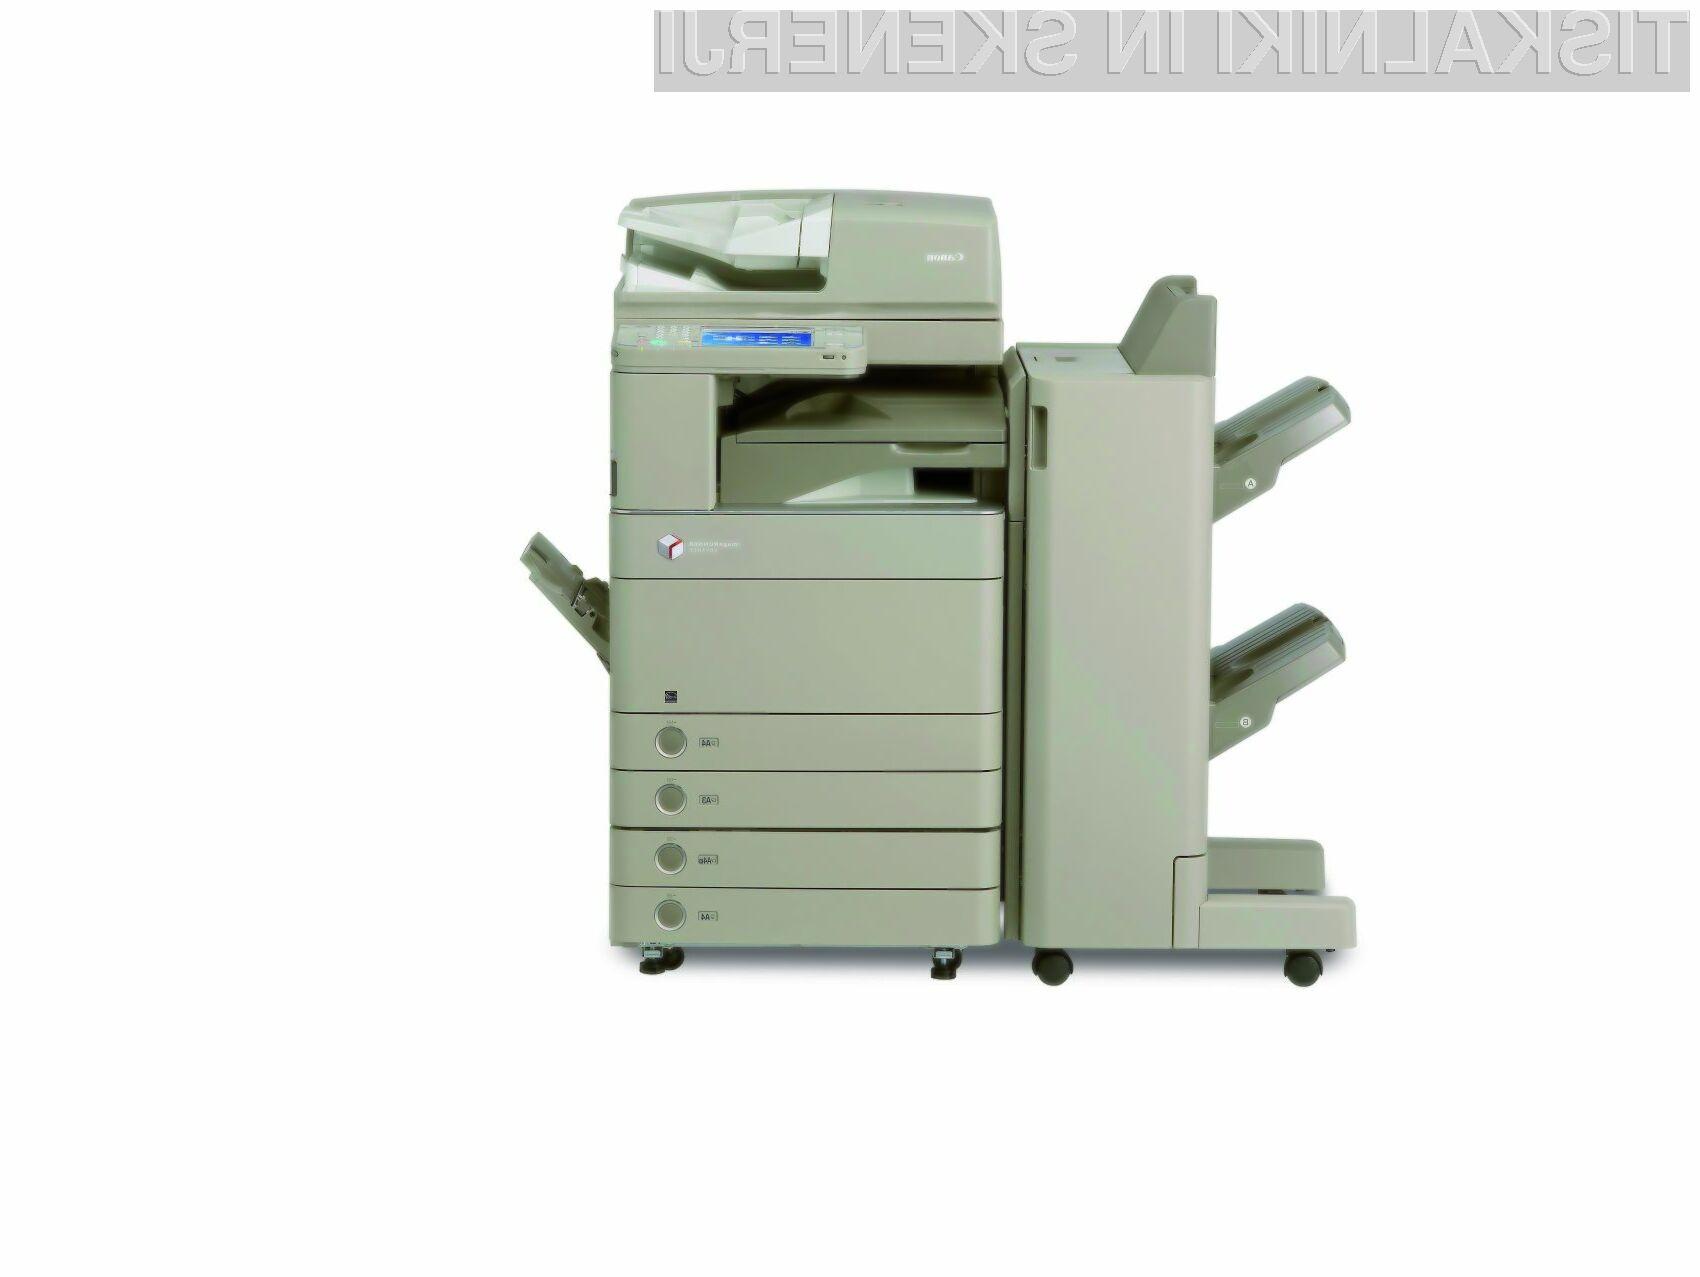 Nove naprave imageRUNNER ADVANCE bodo izkoristile Adobovo tehnologijo za napredno tiskanje, skeniranje in varovanje dokumentov.